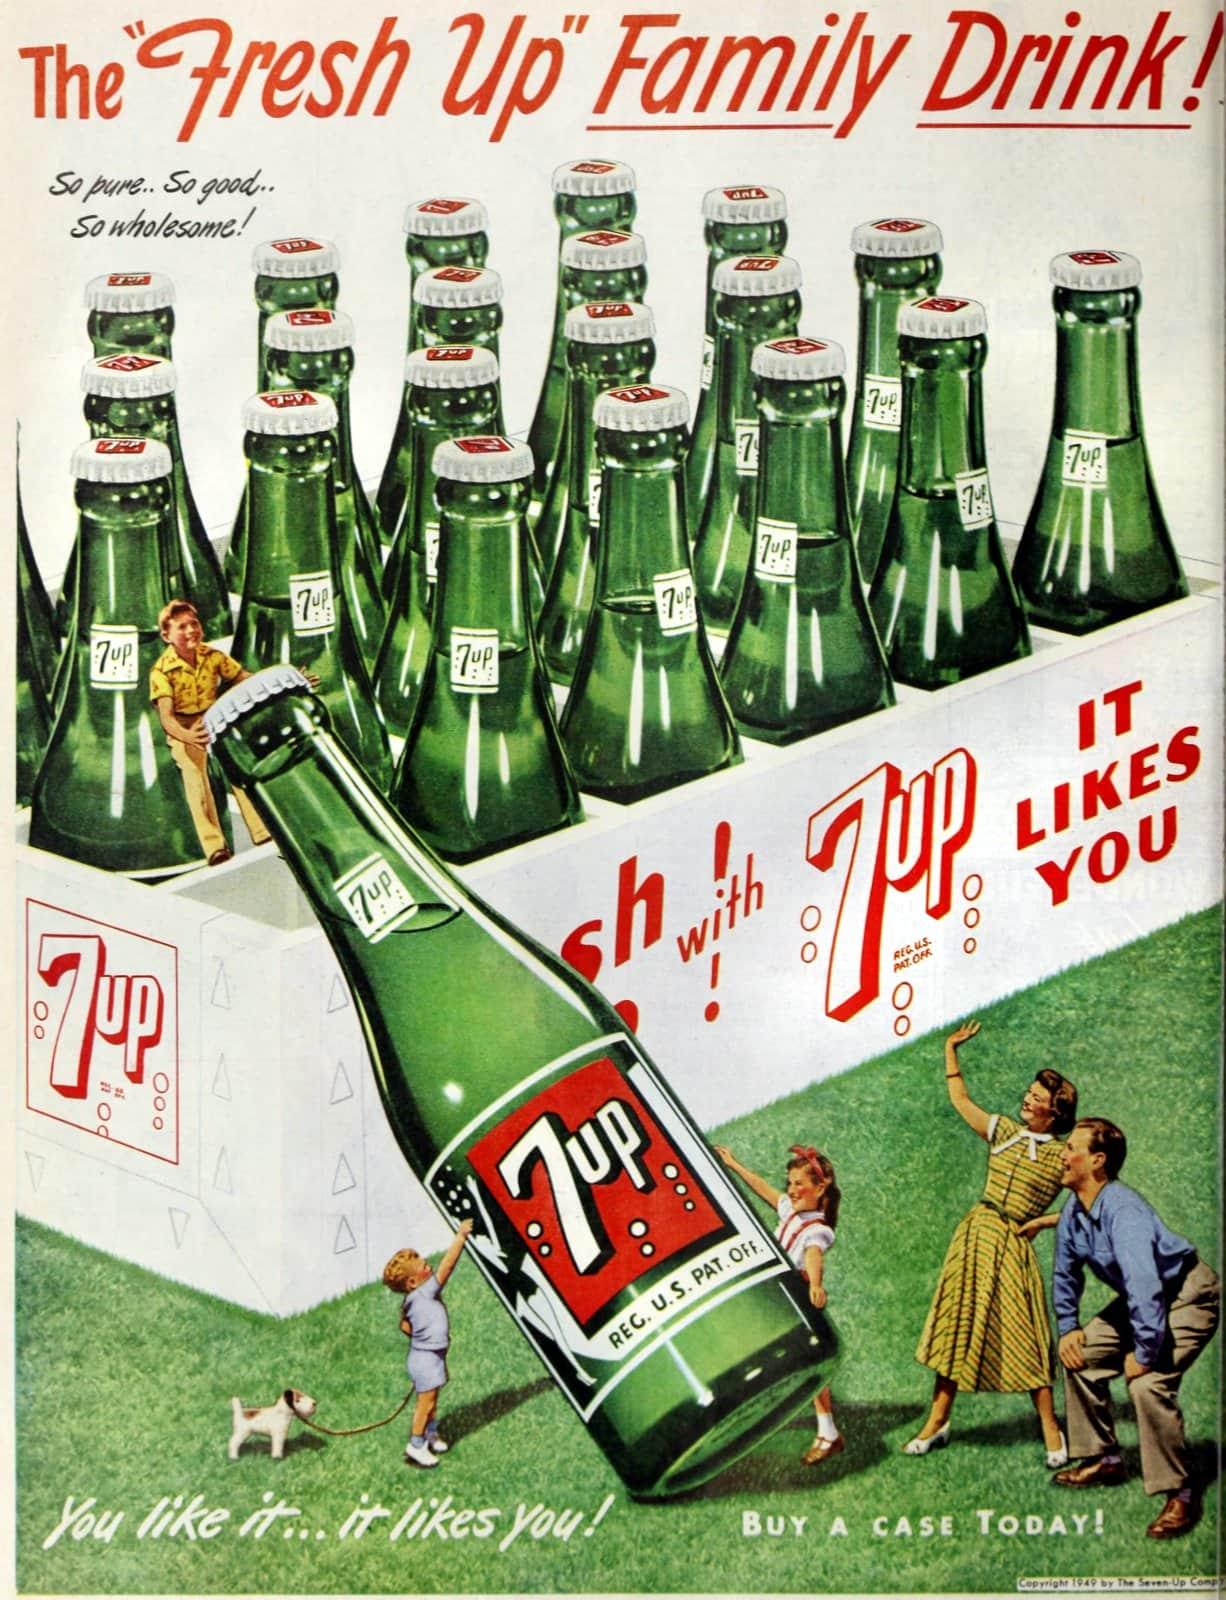 Vintage green 7-UP bottles in 1949